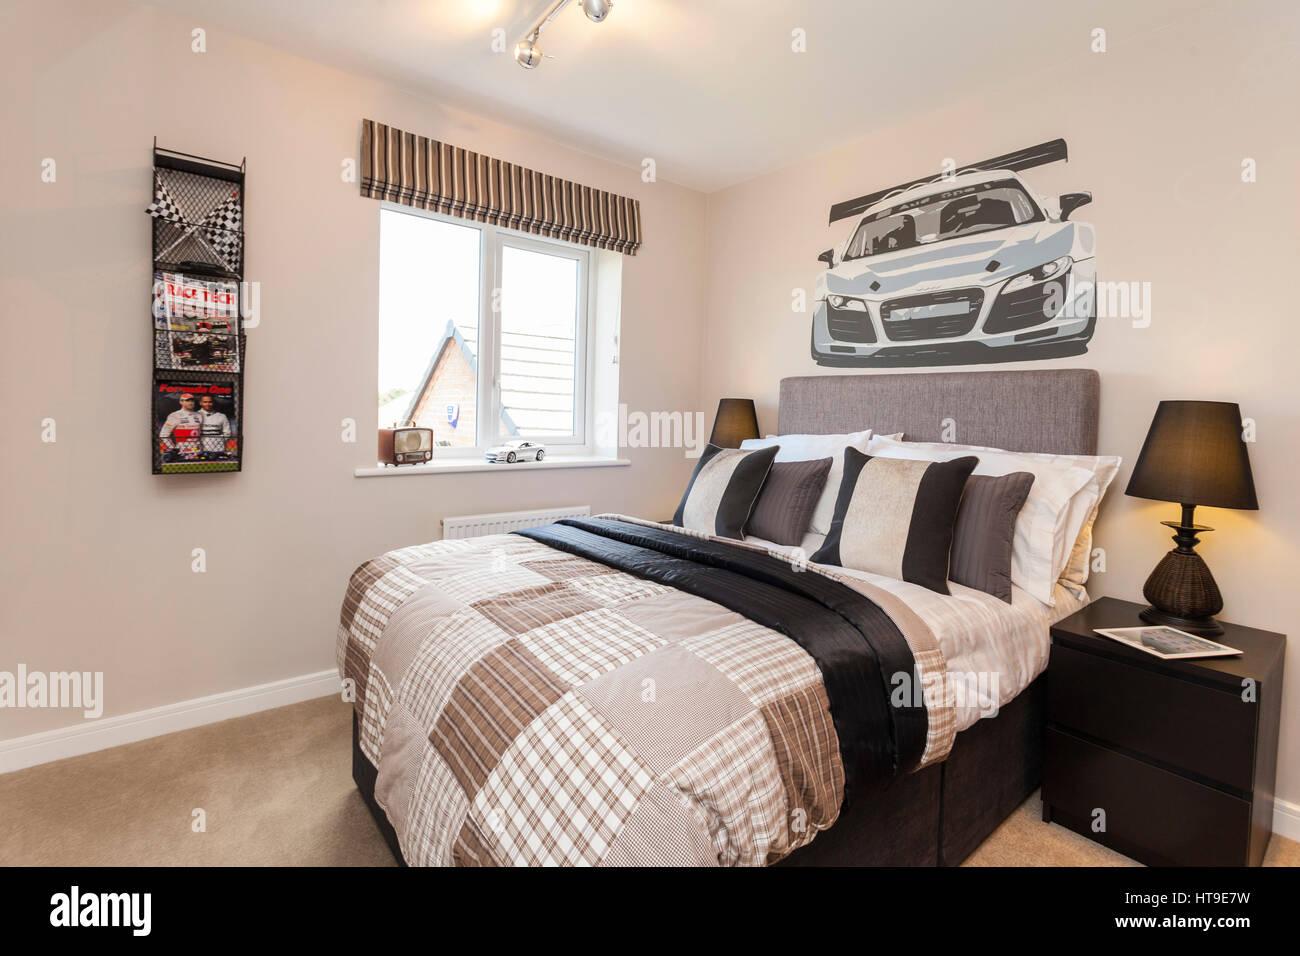 Home interieur jungen schlafzimmer racing auto theme formel 1 dekor dekoration auto check - Jungen schlafzimmer ...